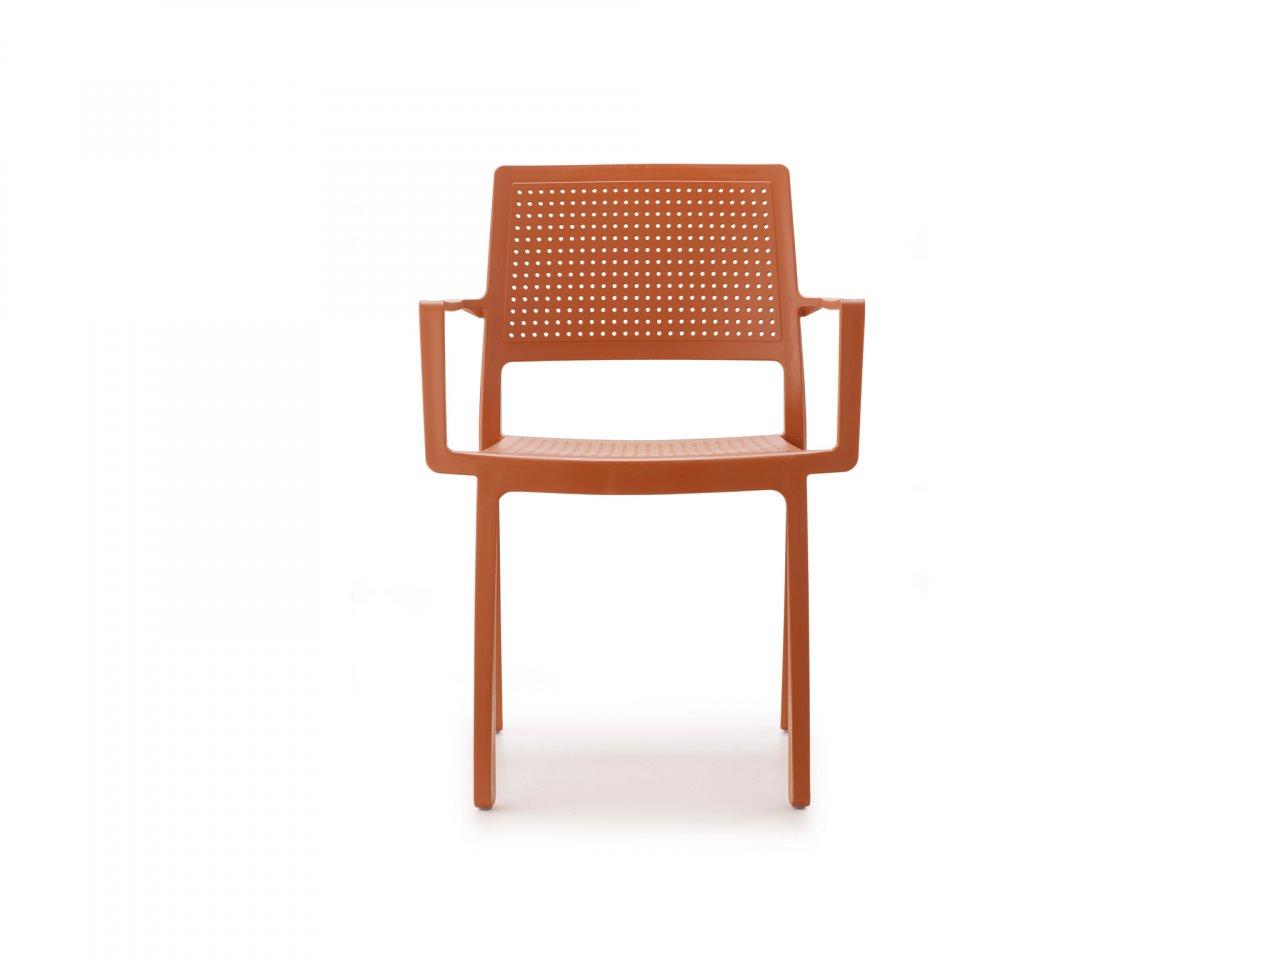 Sedia Con Braccioli Emi - v1